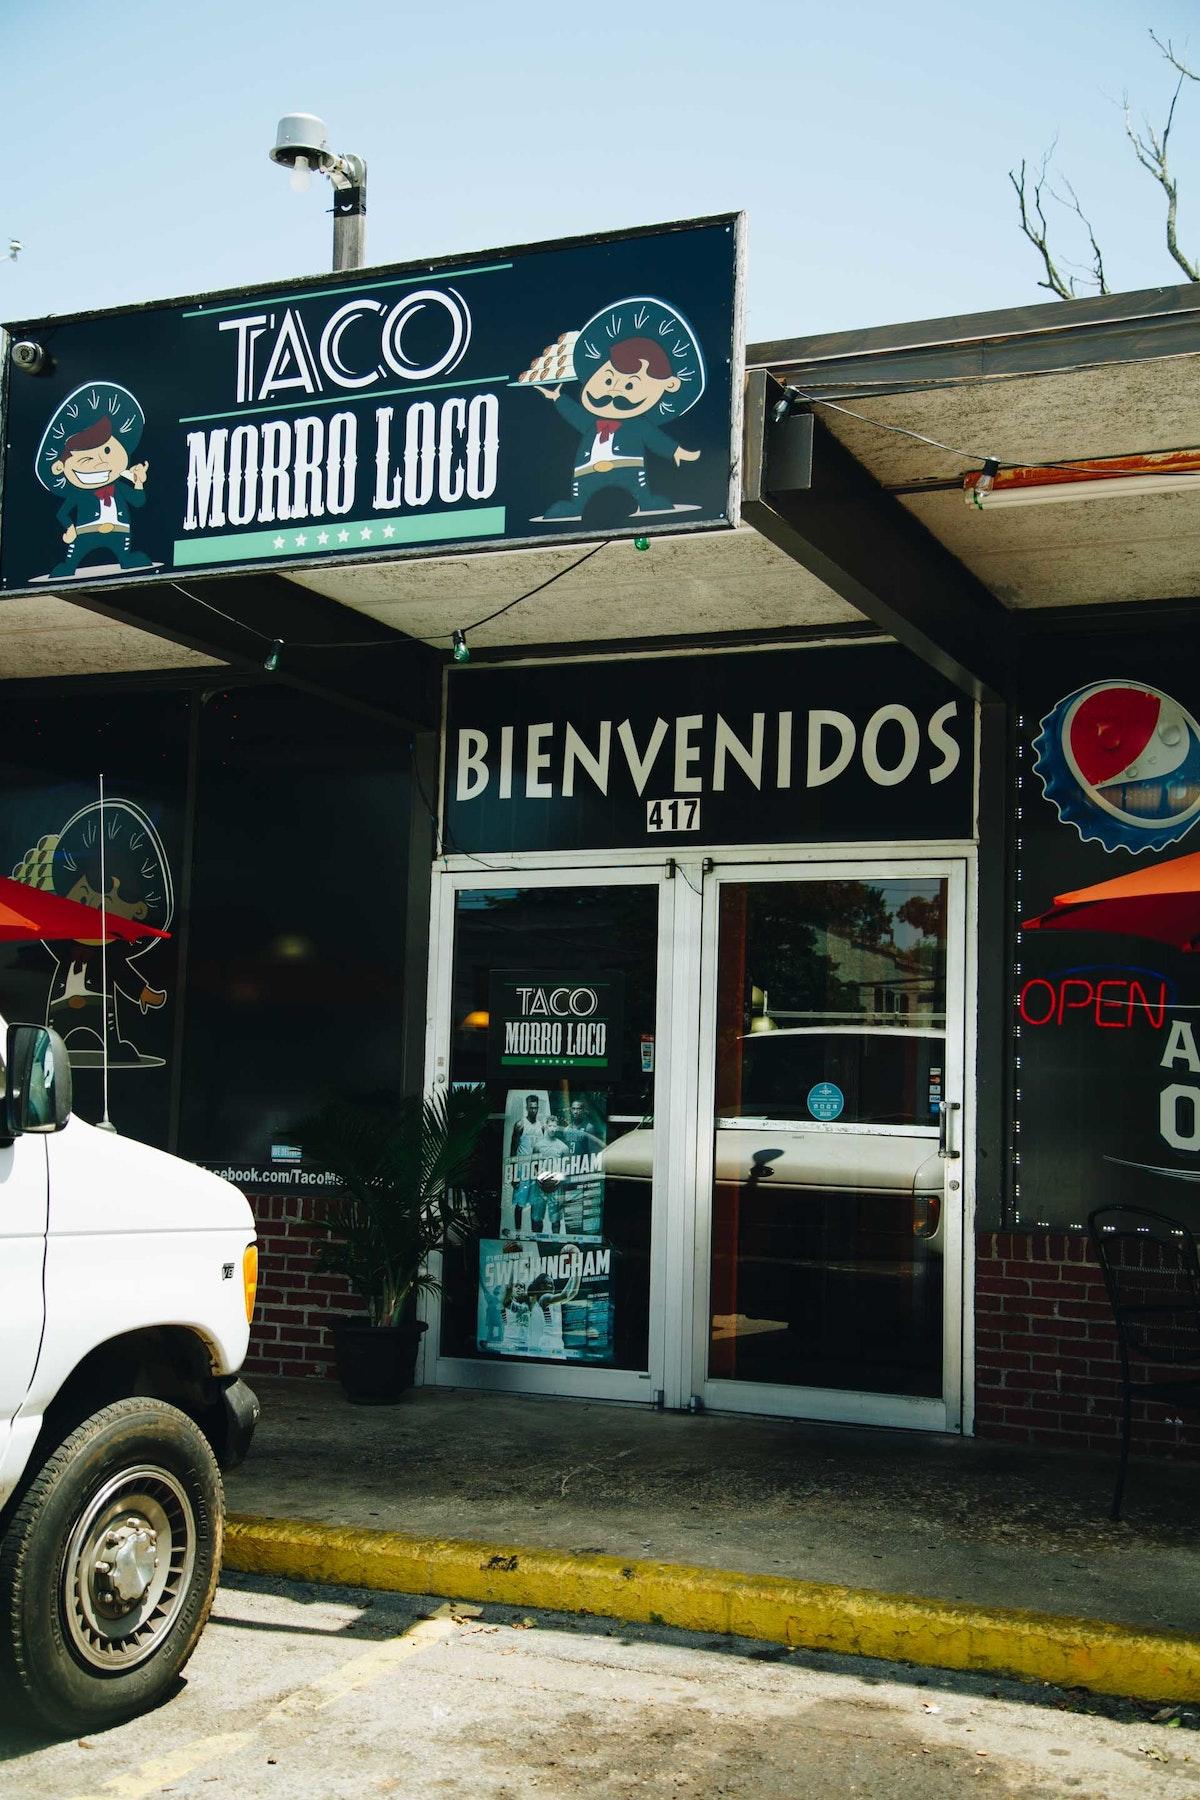 Taco Morro Loco